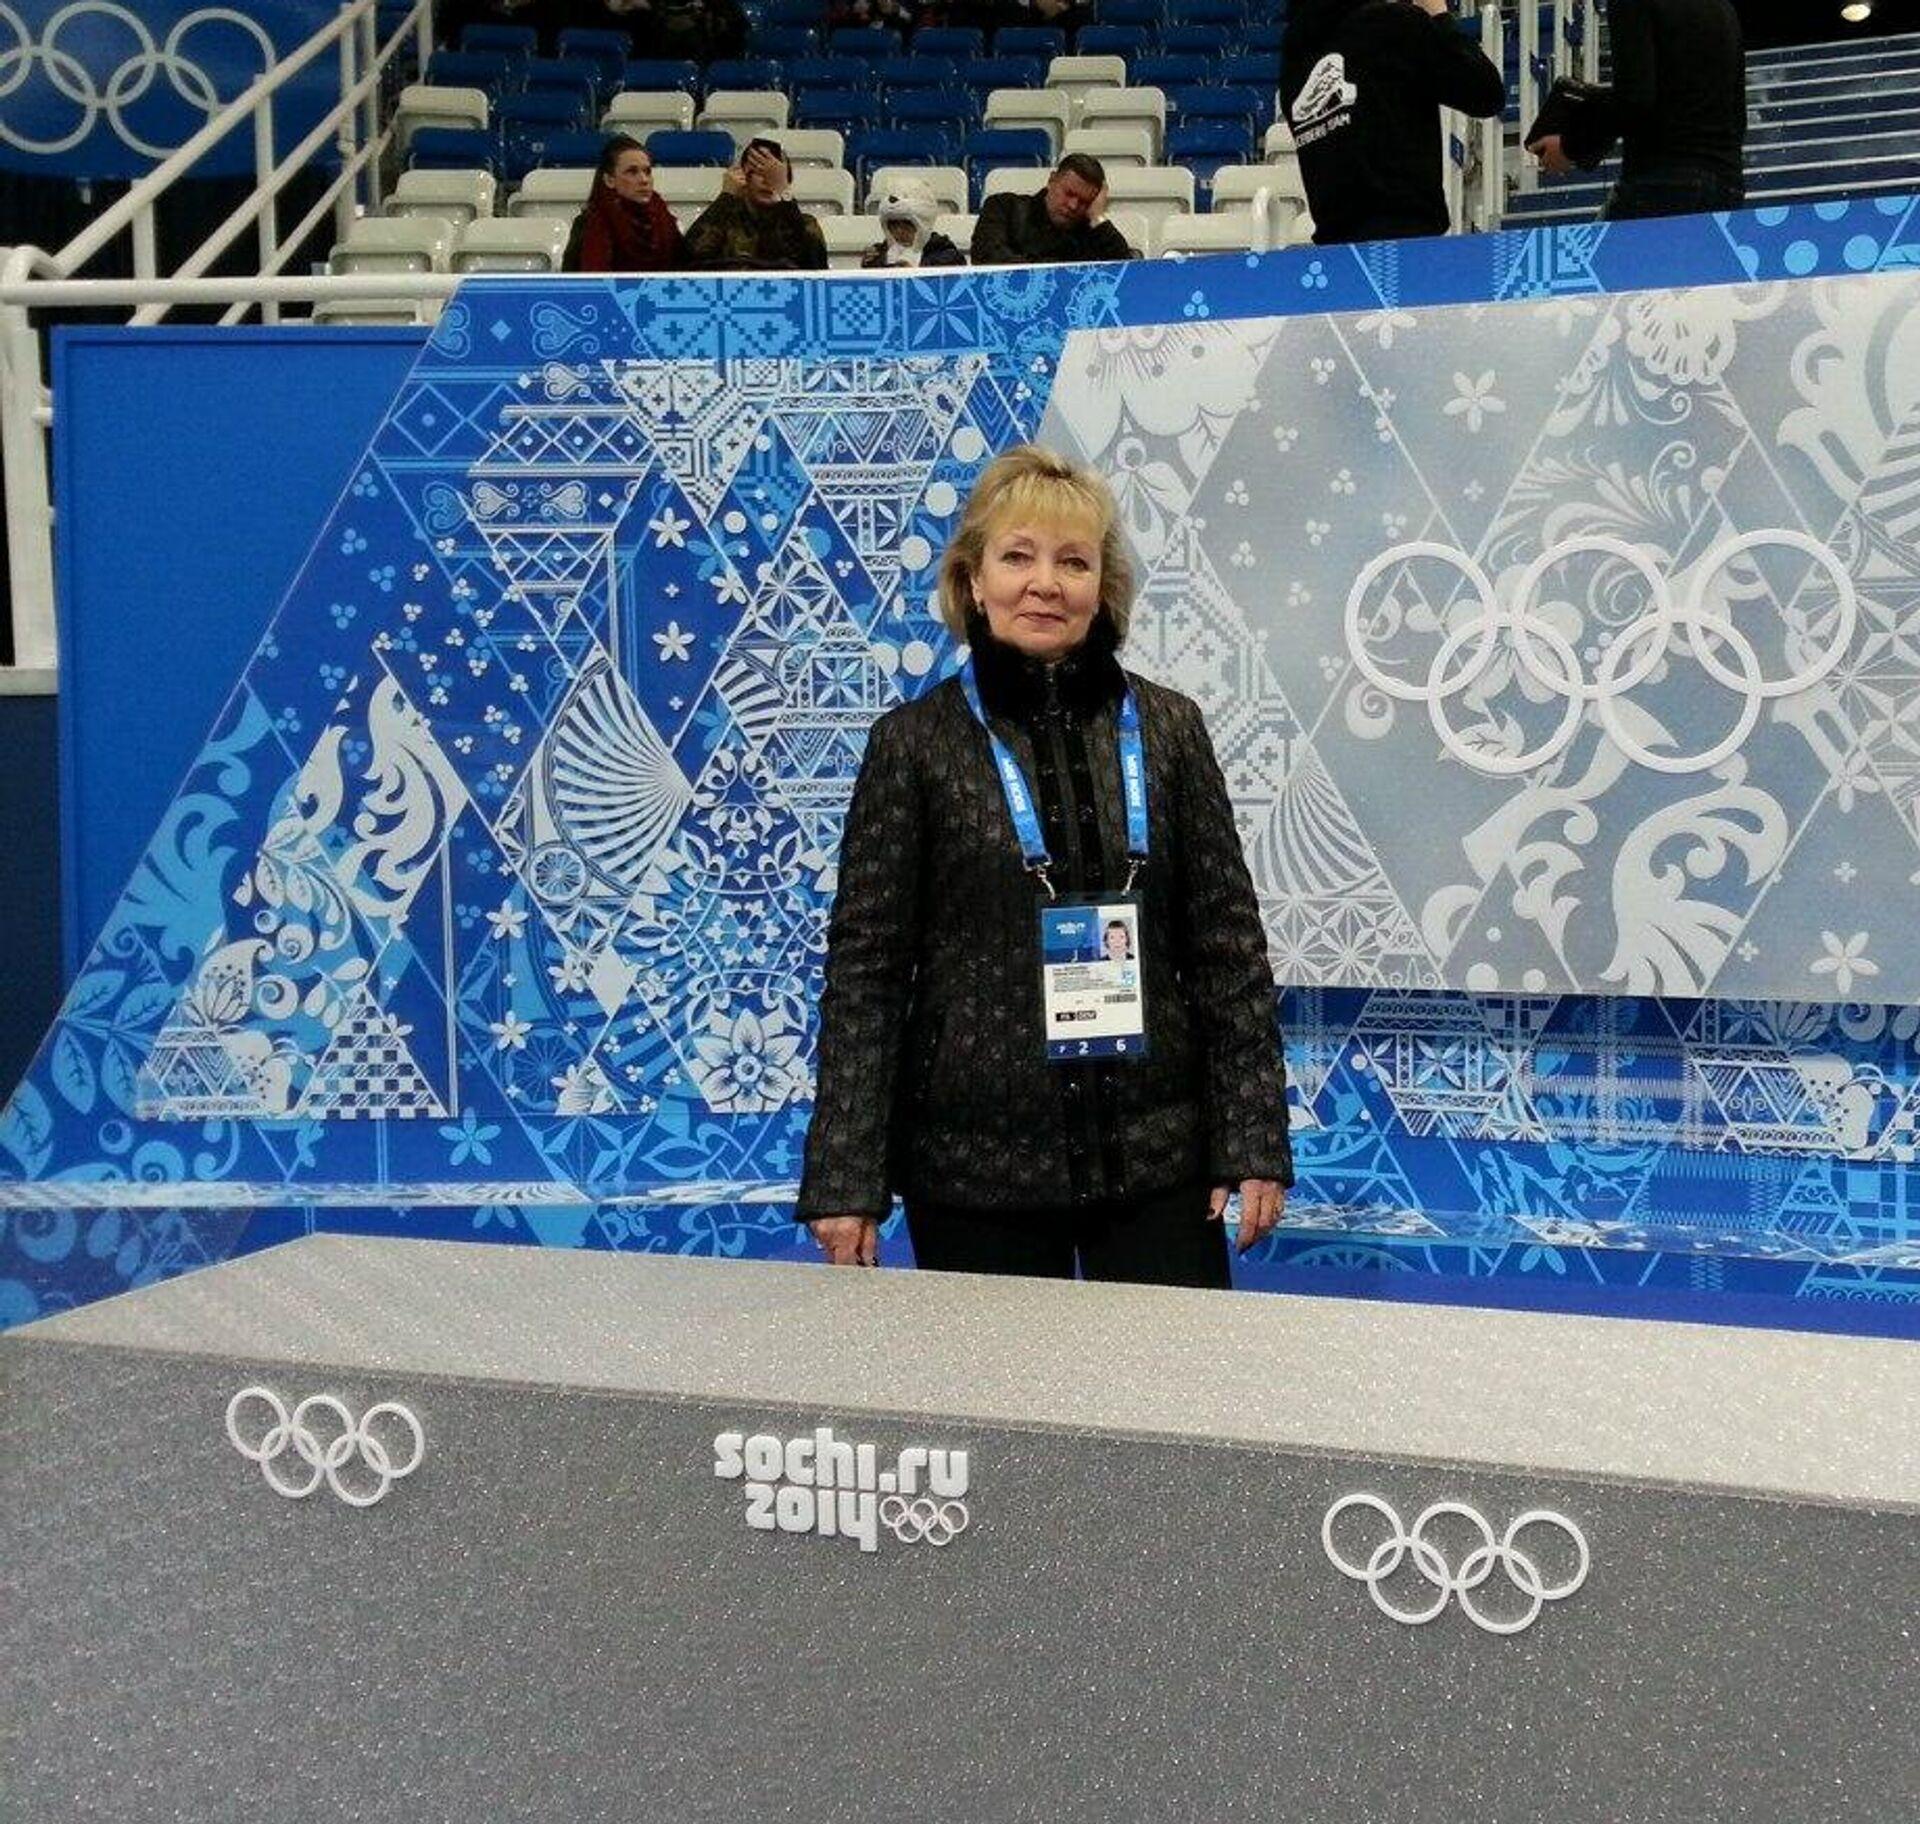 Ирина Нечкина на Олимпиаде 2014 года в Сочи - РИА Новости, 1920, 22.02.2021